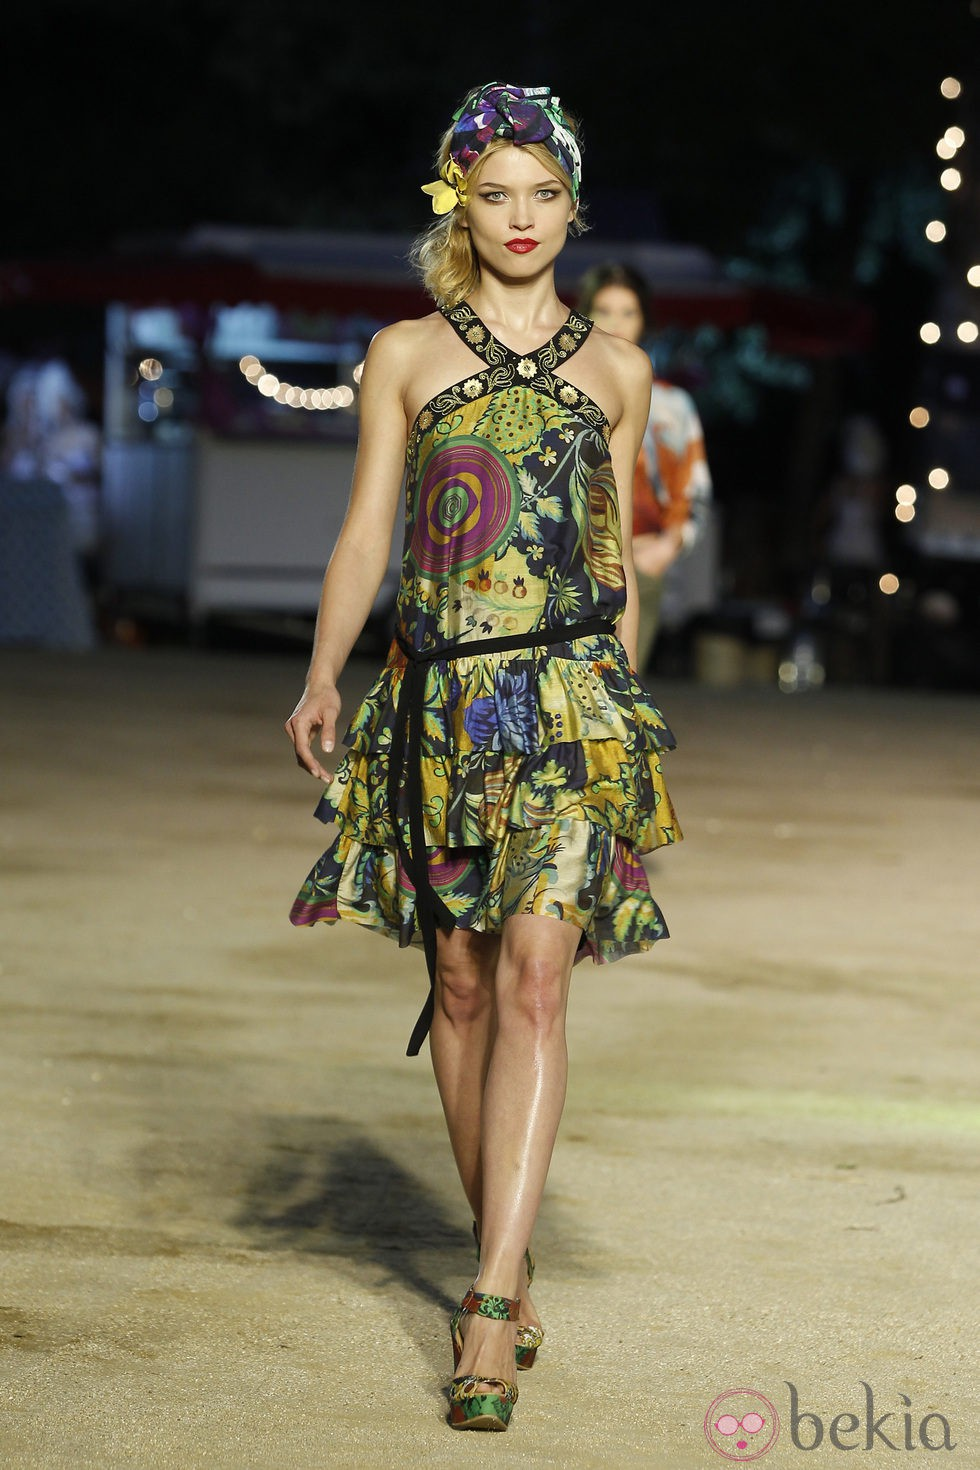 Vestido estampado con escote halter de Desigual en la pasarela 080 de Barcelona primavera/verano 2013